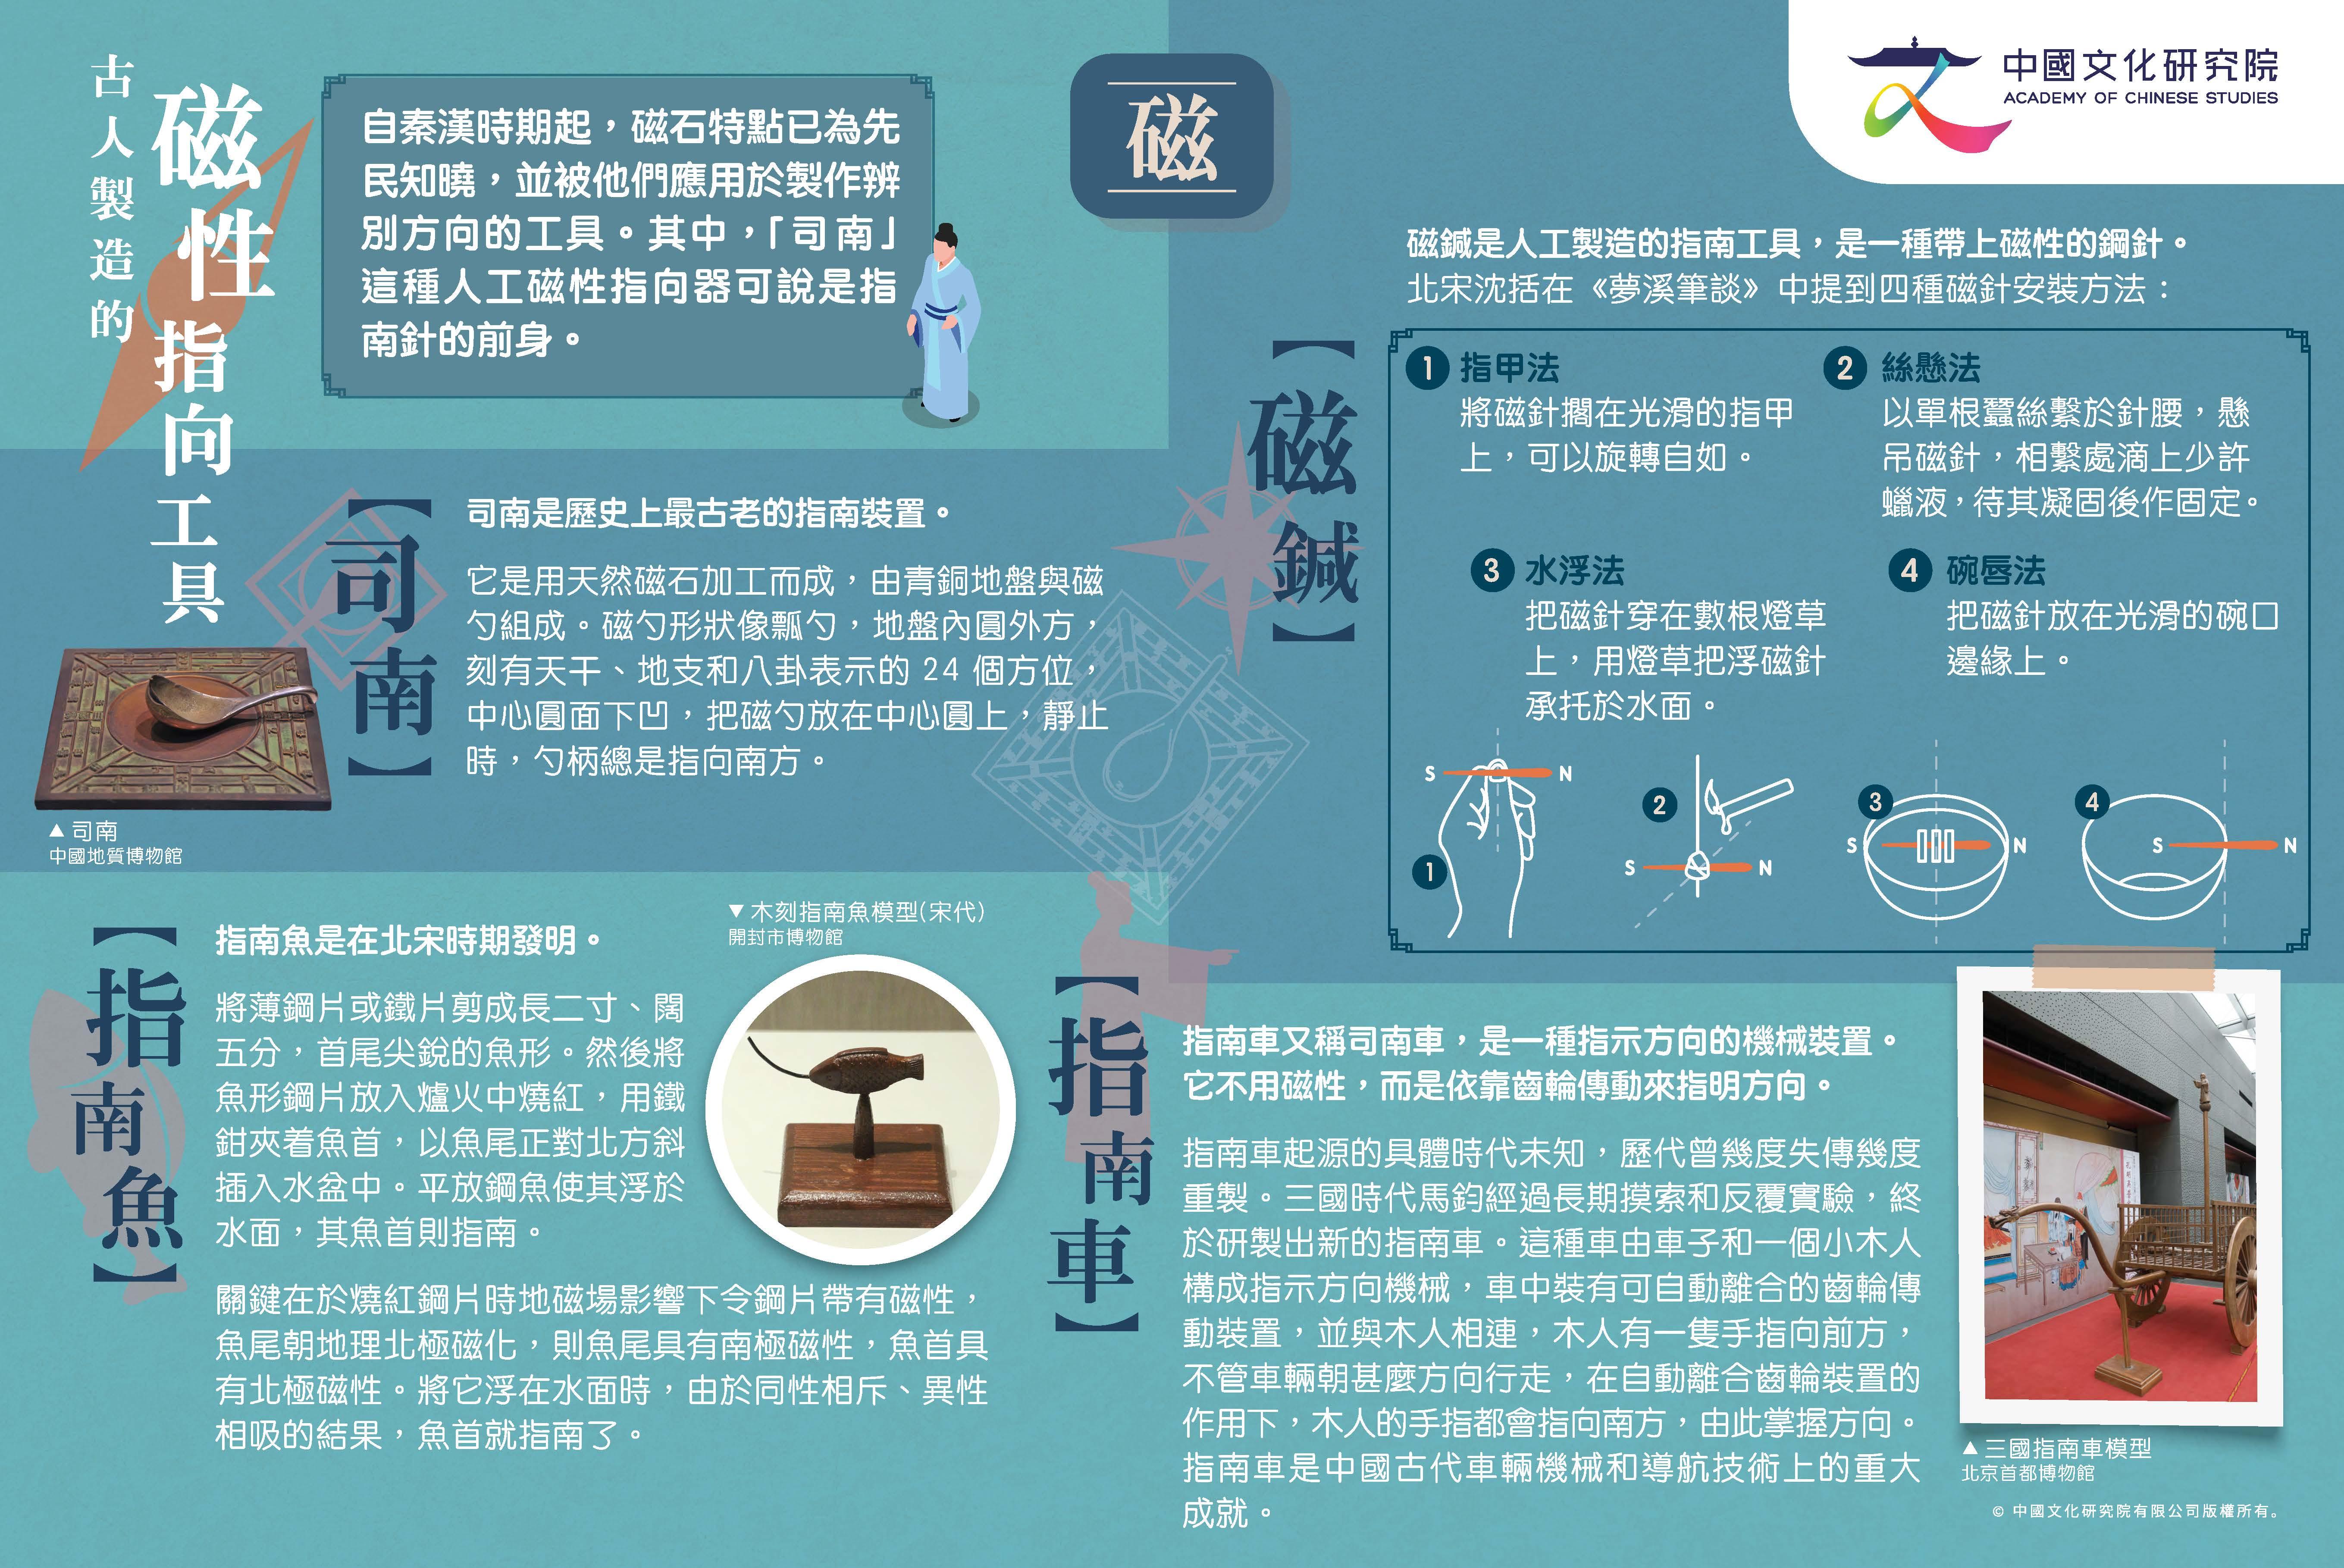 zhongguogudaikexuejishu_zhongxueban5-8_v4_compressed_page_2